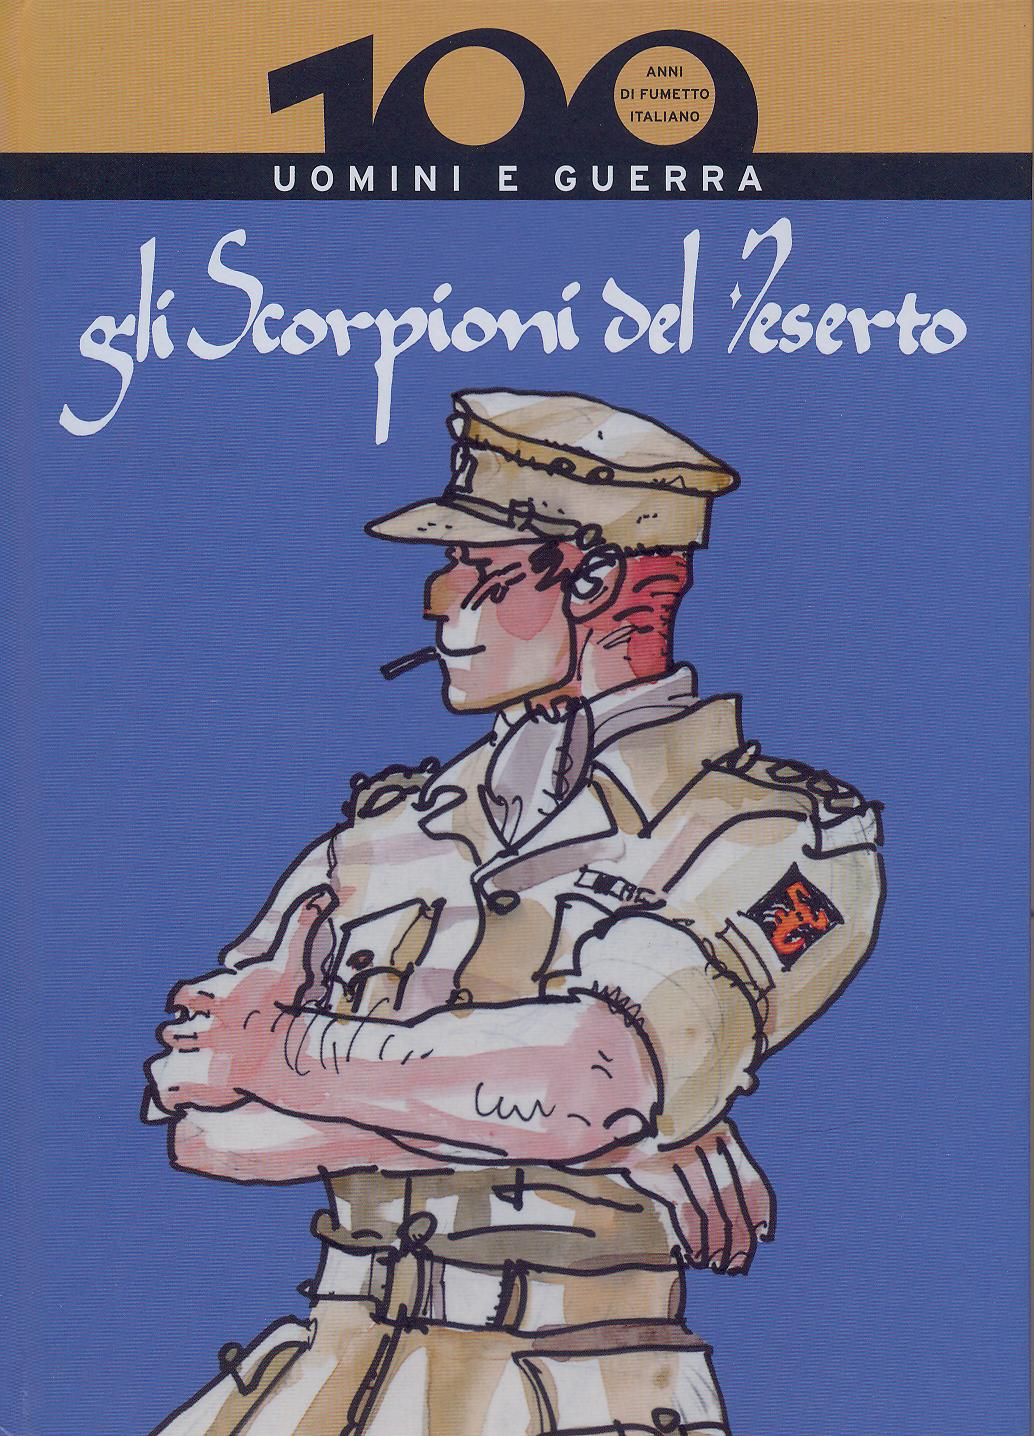 100 anni di fumetto Italiano vol. 18